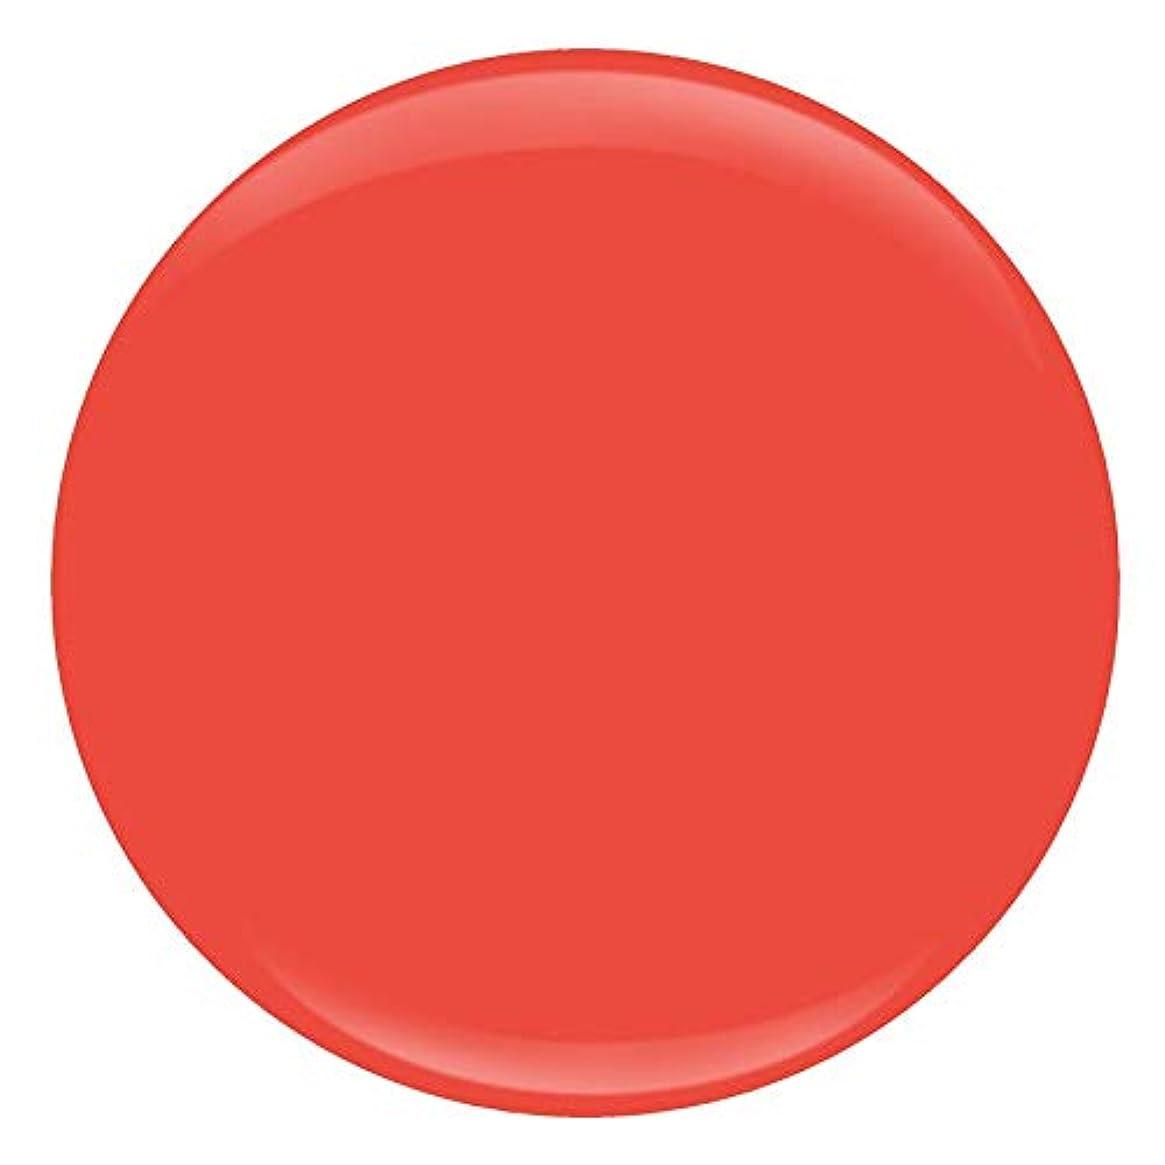 エピソードダイエット名詞Entity One Color Couture Gel Polish - Diana-Myte - 0.5oz / 15ml